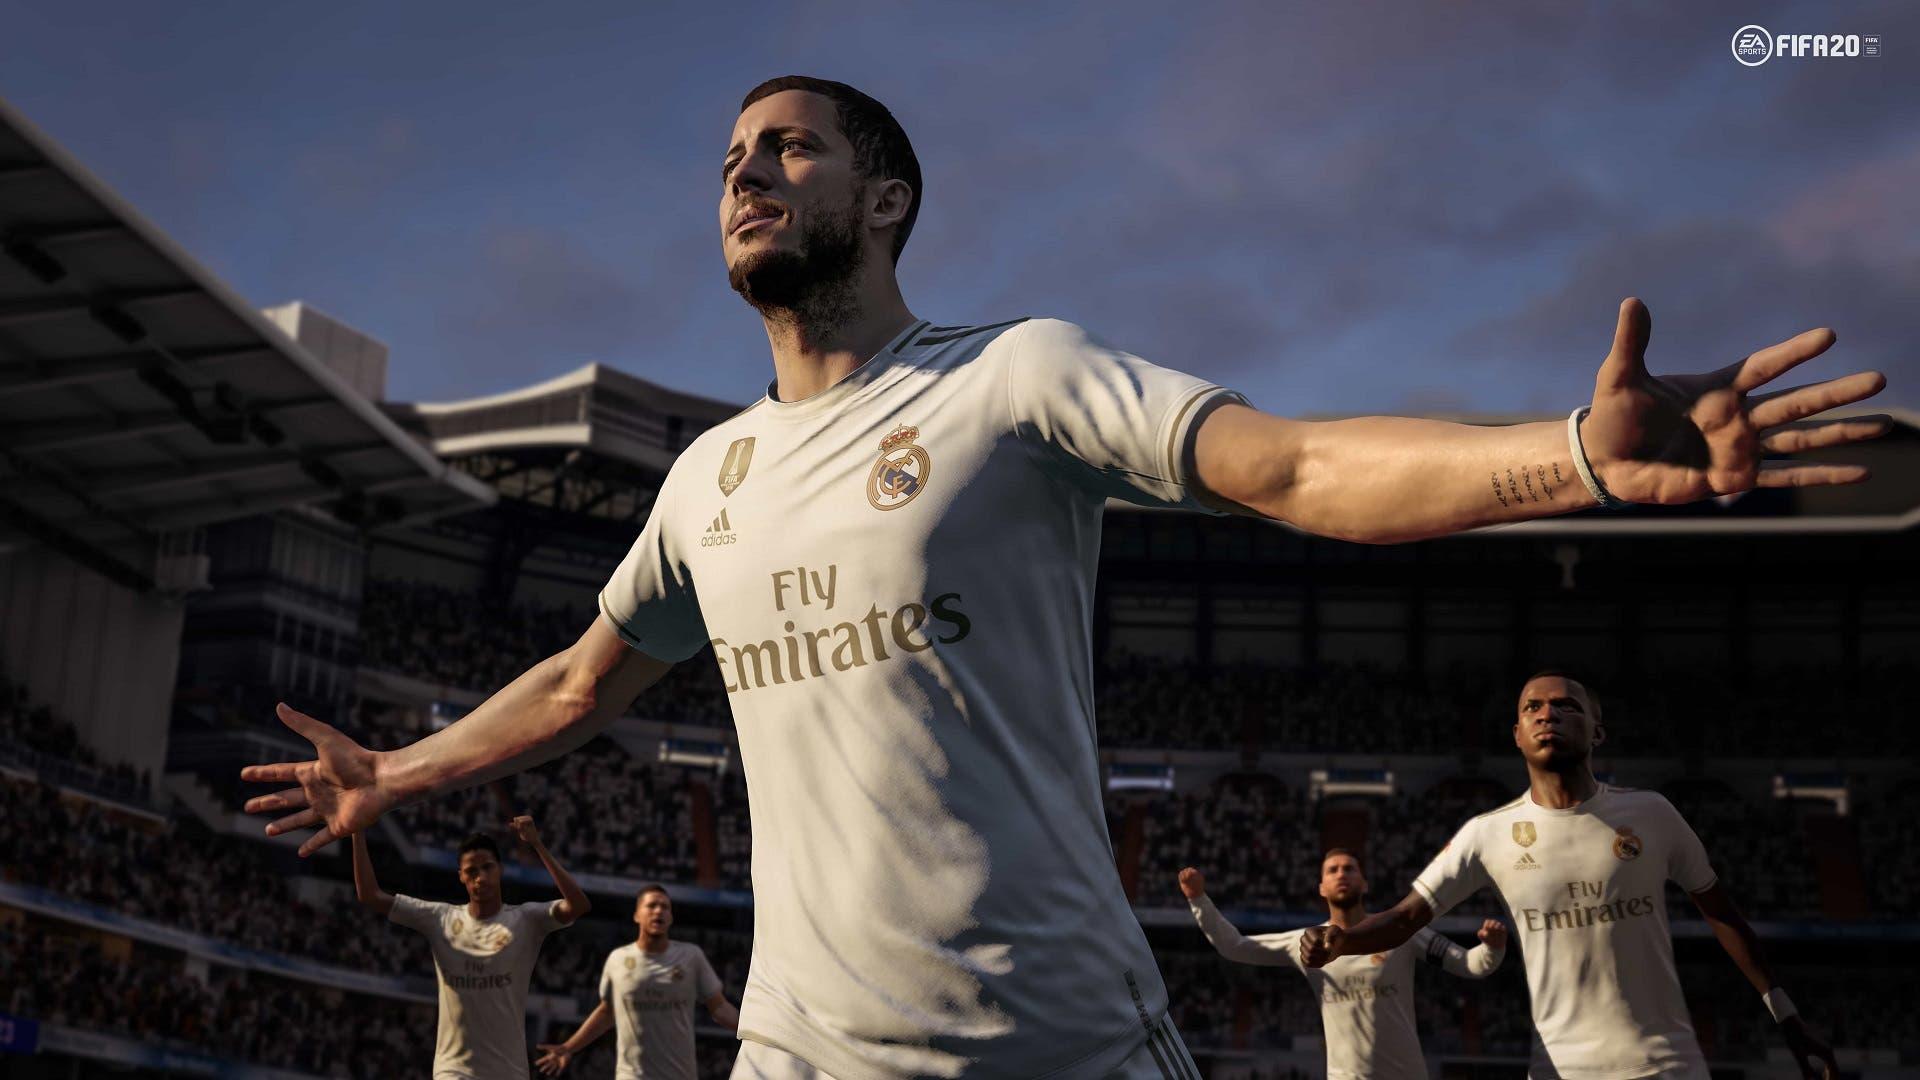 Imagen de FIFA 20 se corona como lo más vendido en Reino Unido durante el mes de septiembre